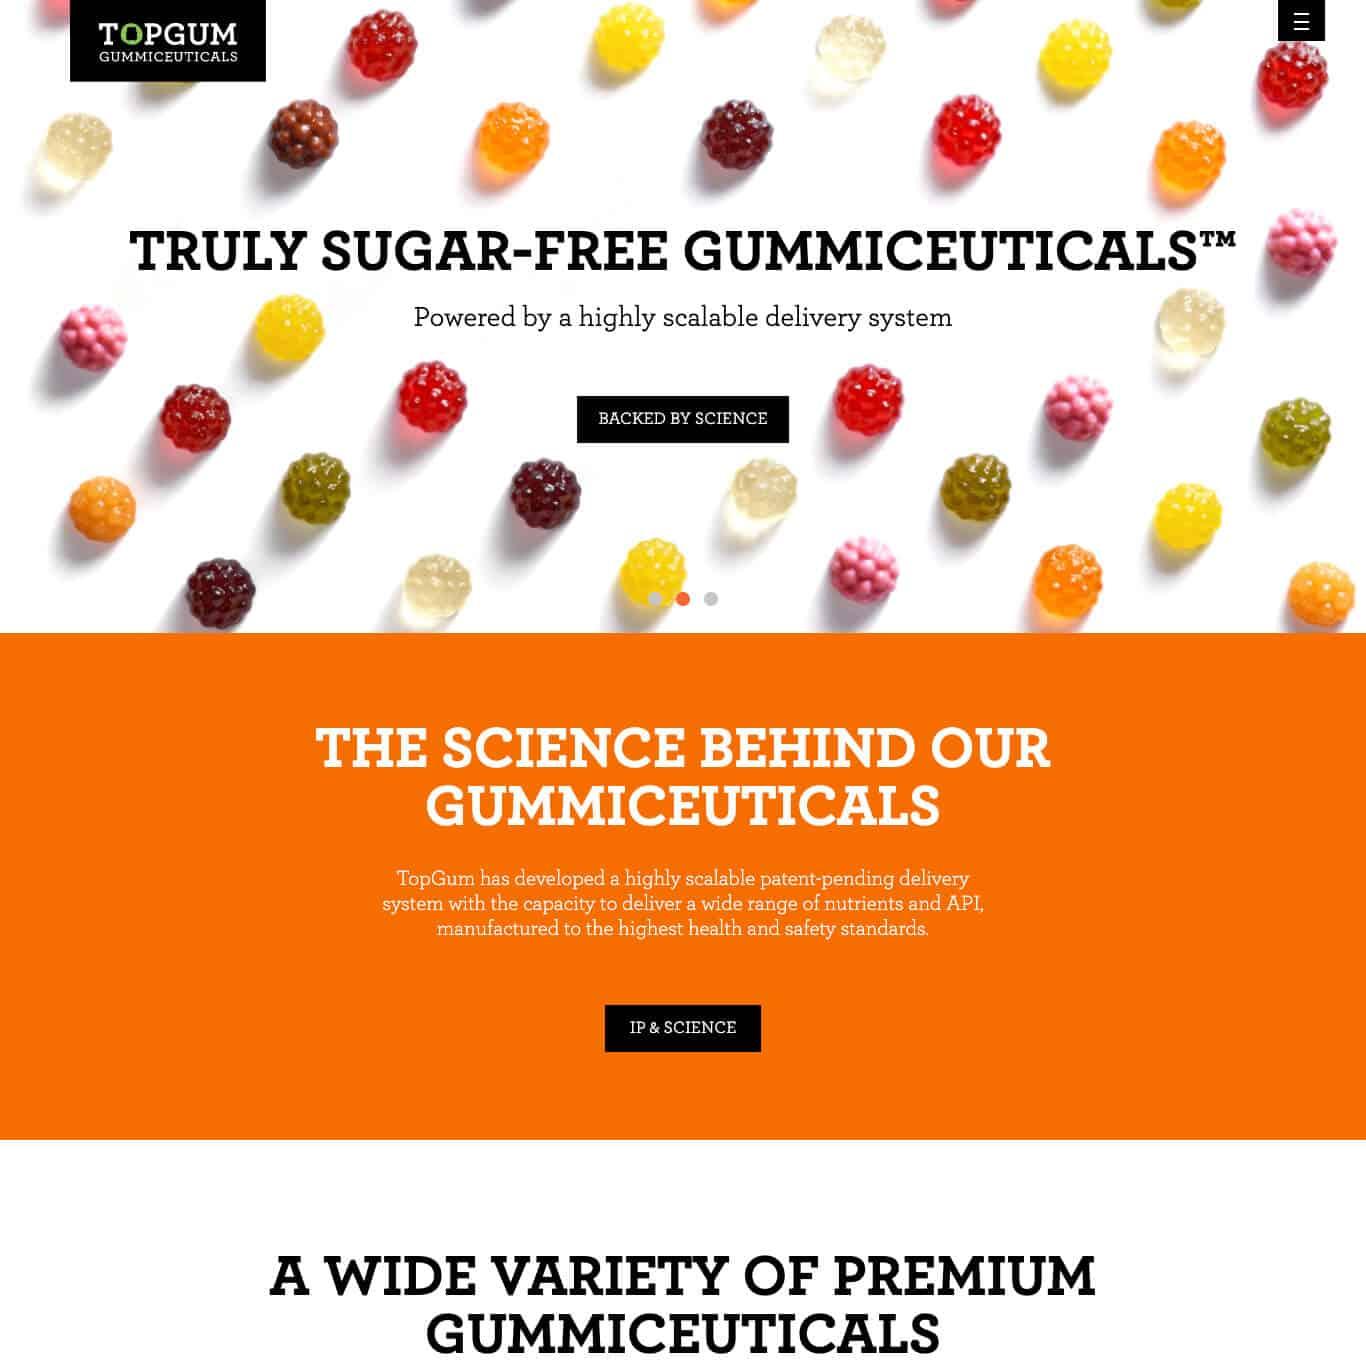 TopGum Gummiceuticals